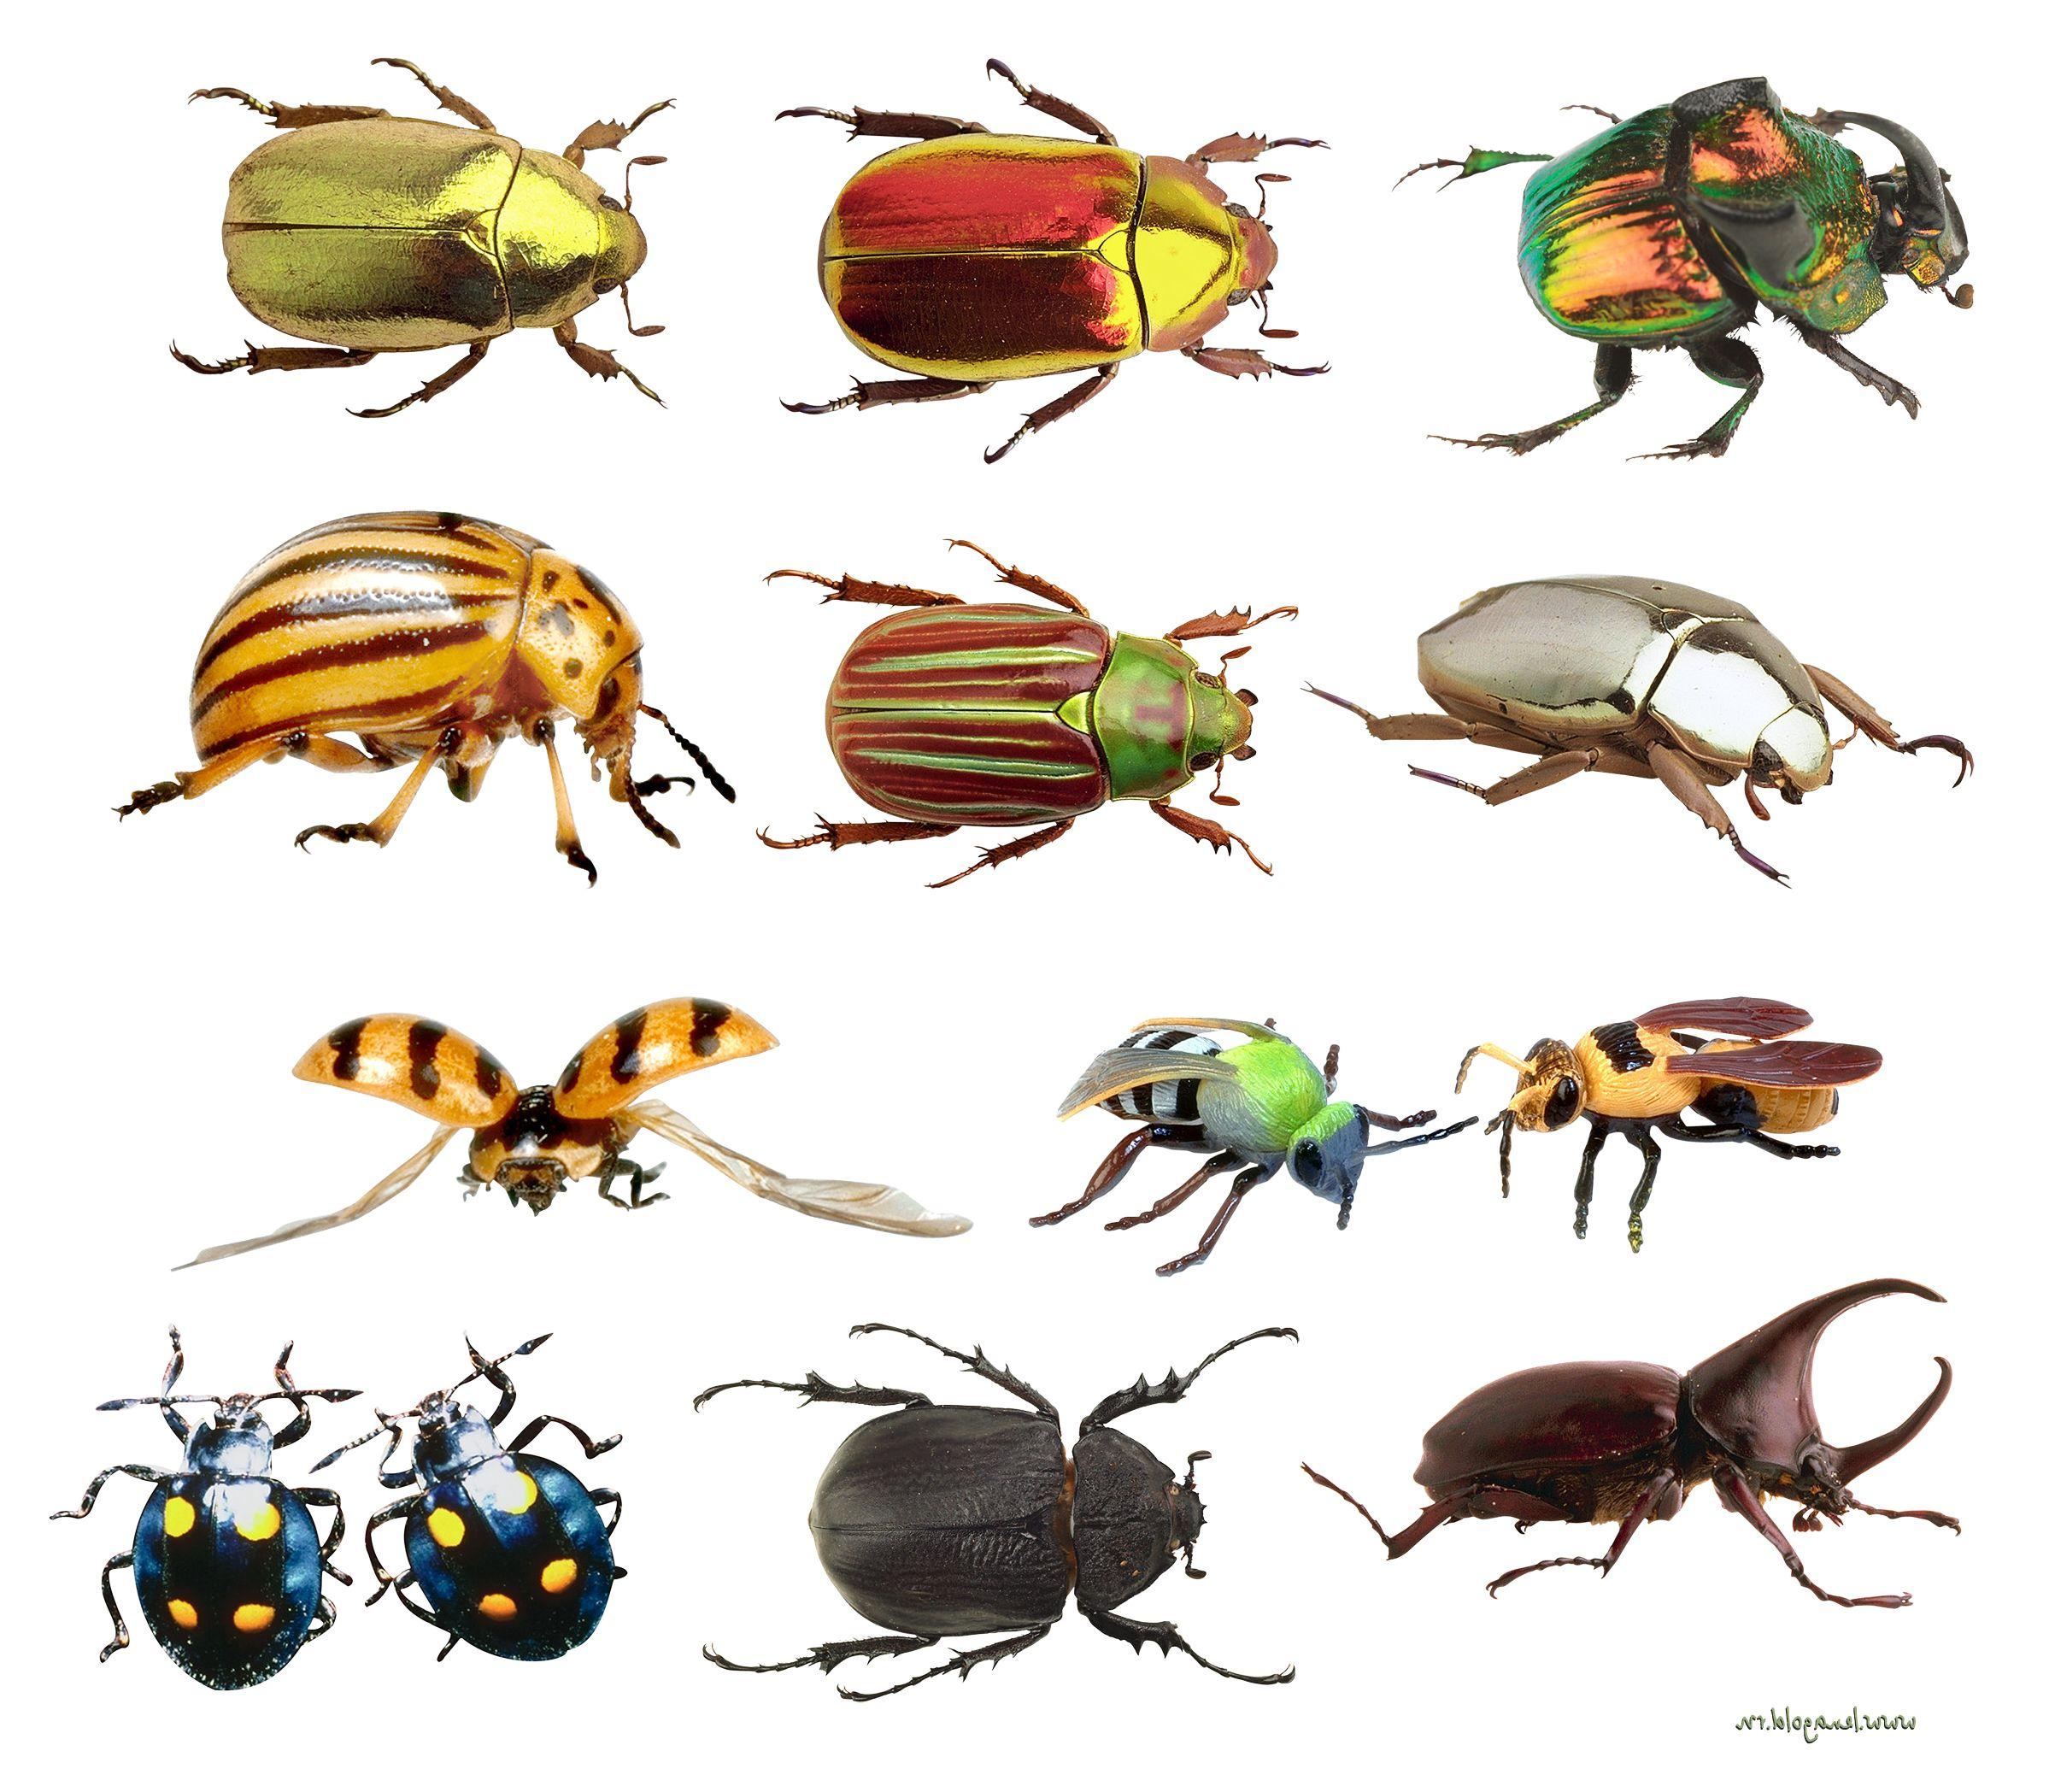 его большие цветные картинки жуков территории деревни